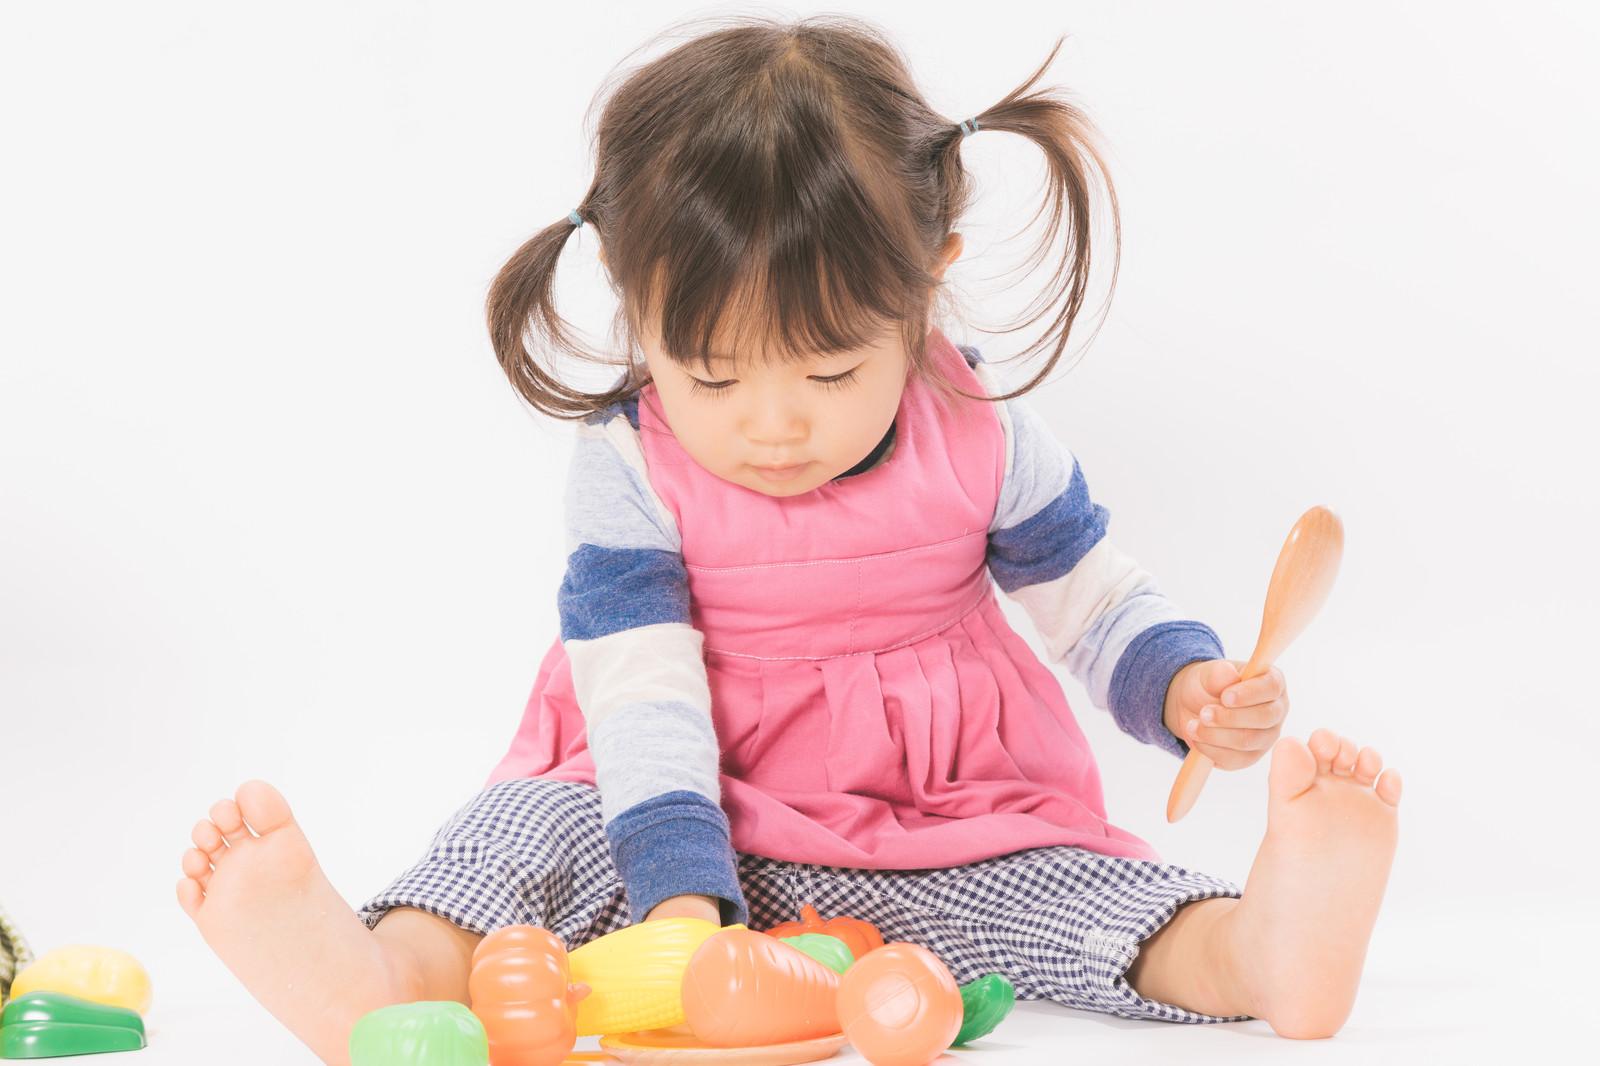 おもちゃはどんな時に買う。特別な日?それとも欲しい時?【買い方、与え方】